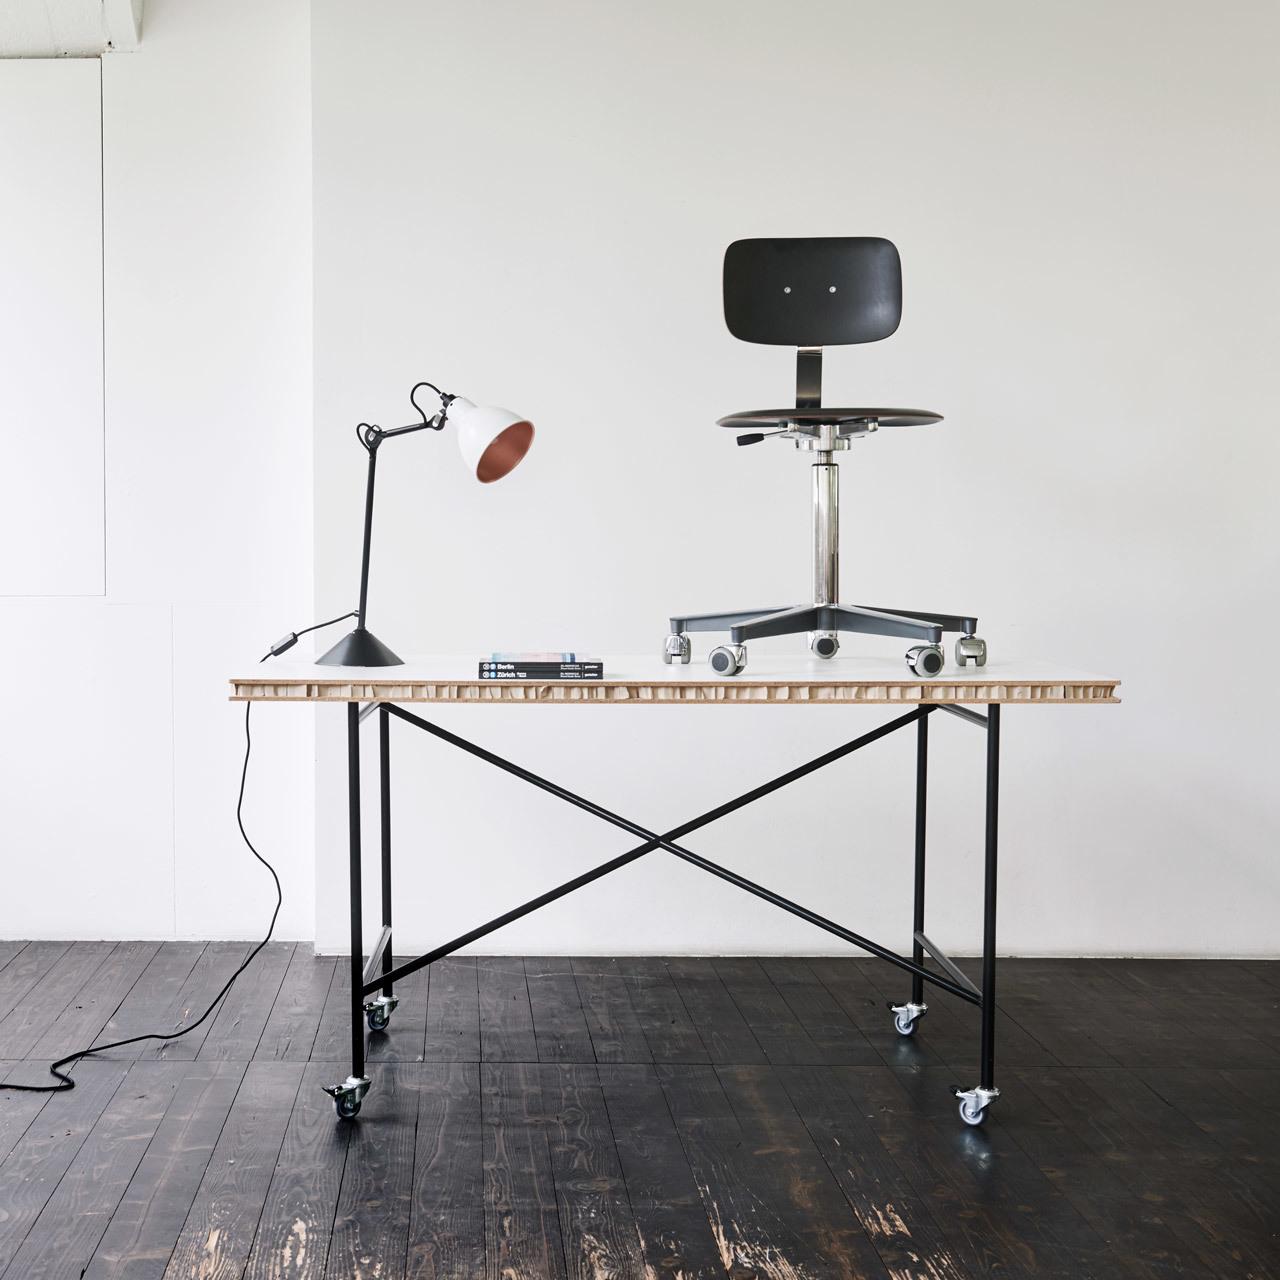 Tischgestell Egon Eiermann Gross Richard Lampert, Eiermann Tisch, Gestell 2